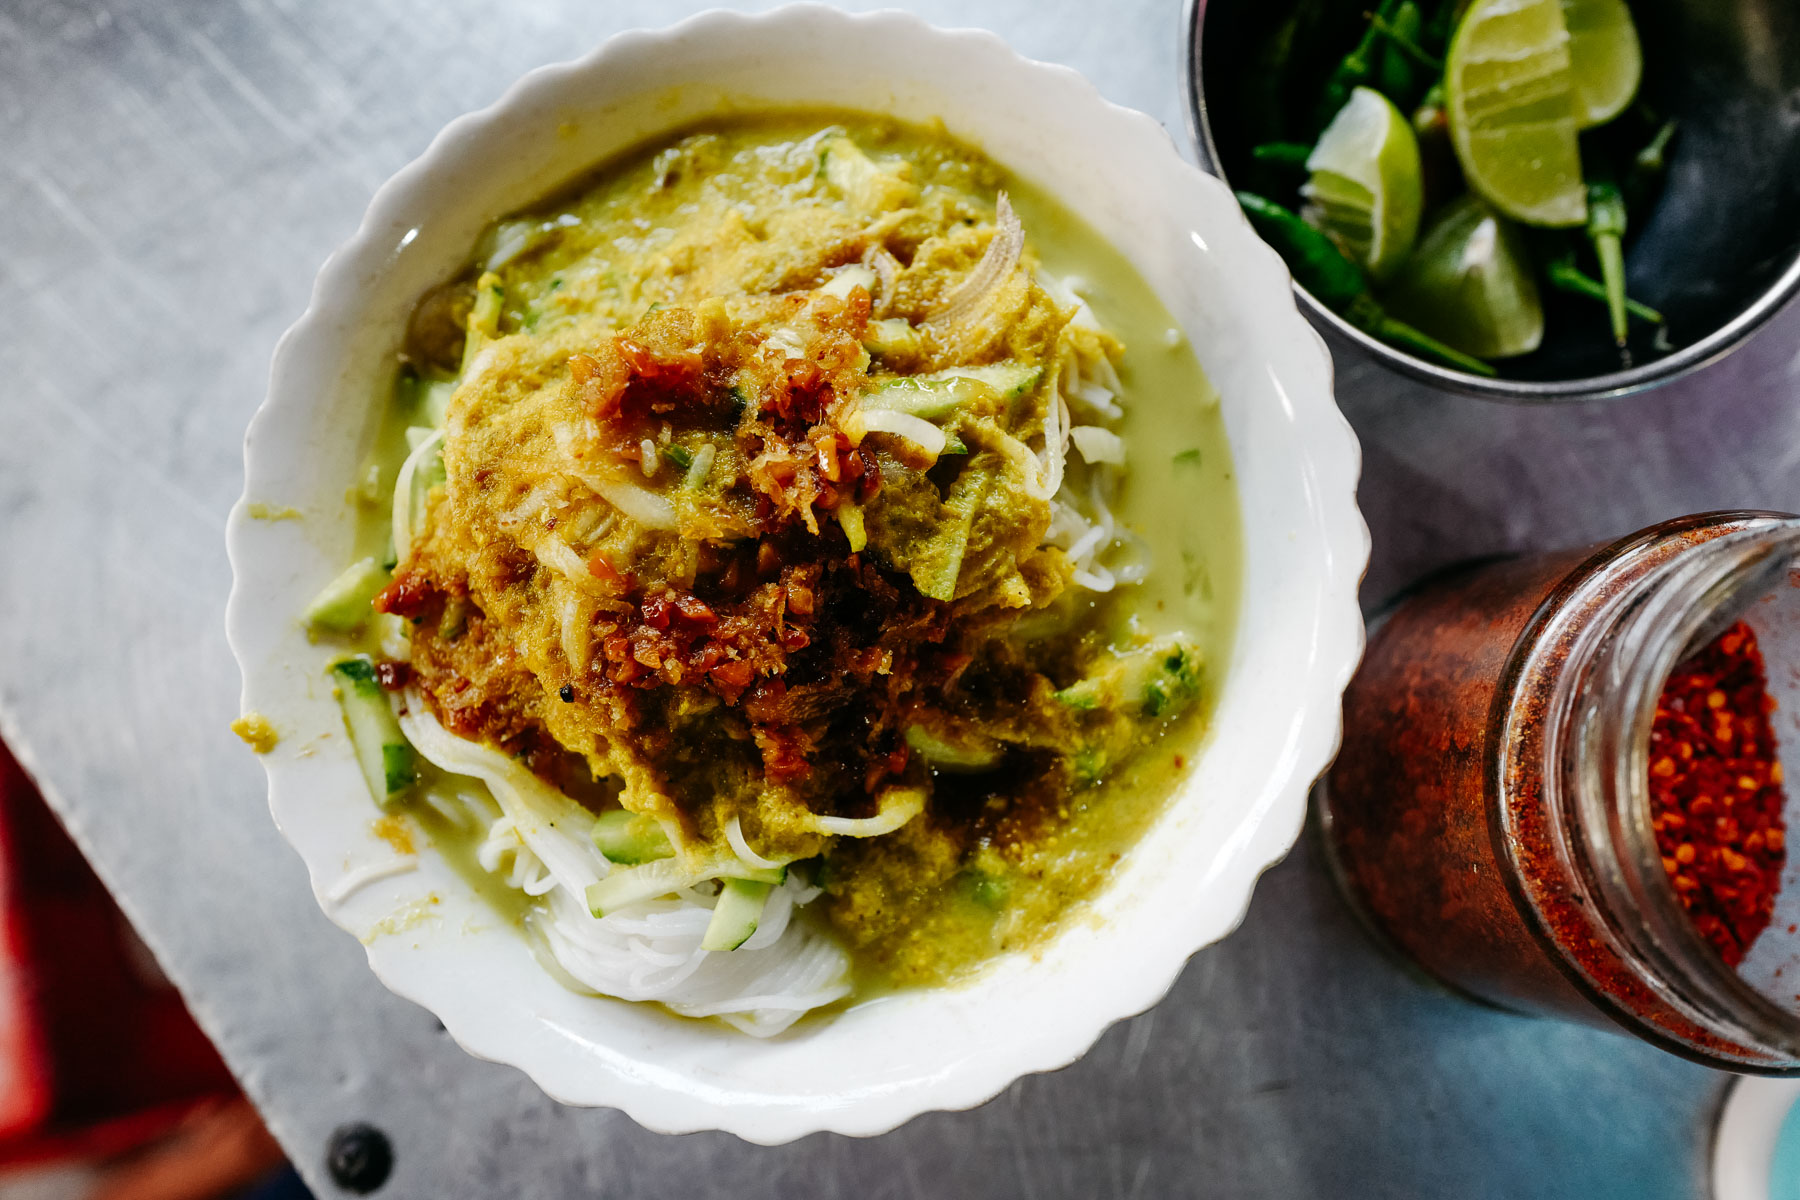 Makaron ryżowy z zielonym rybnym curry (Nom banh chok, នំបញ្ចុក)